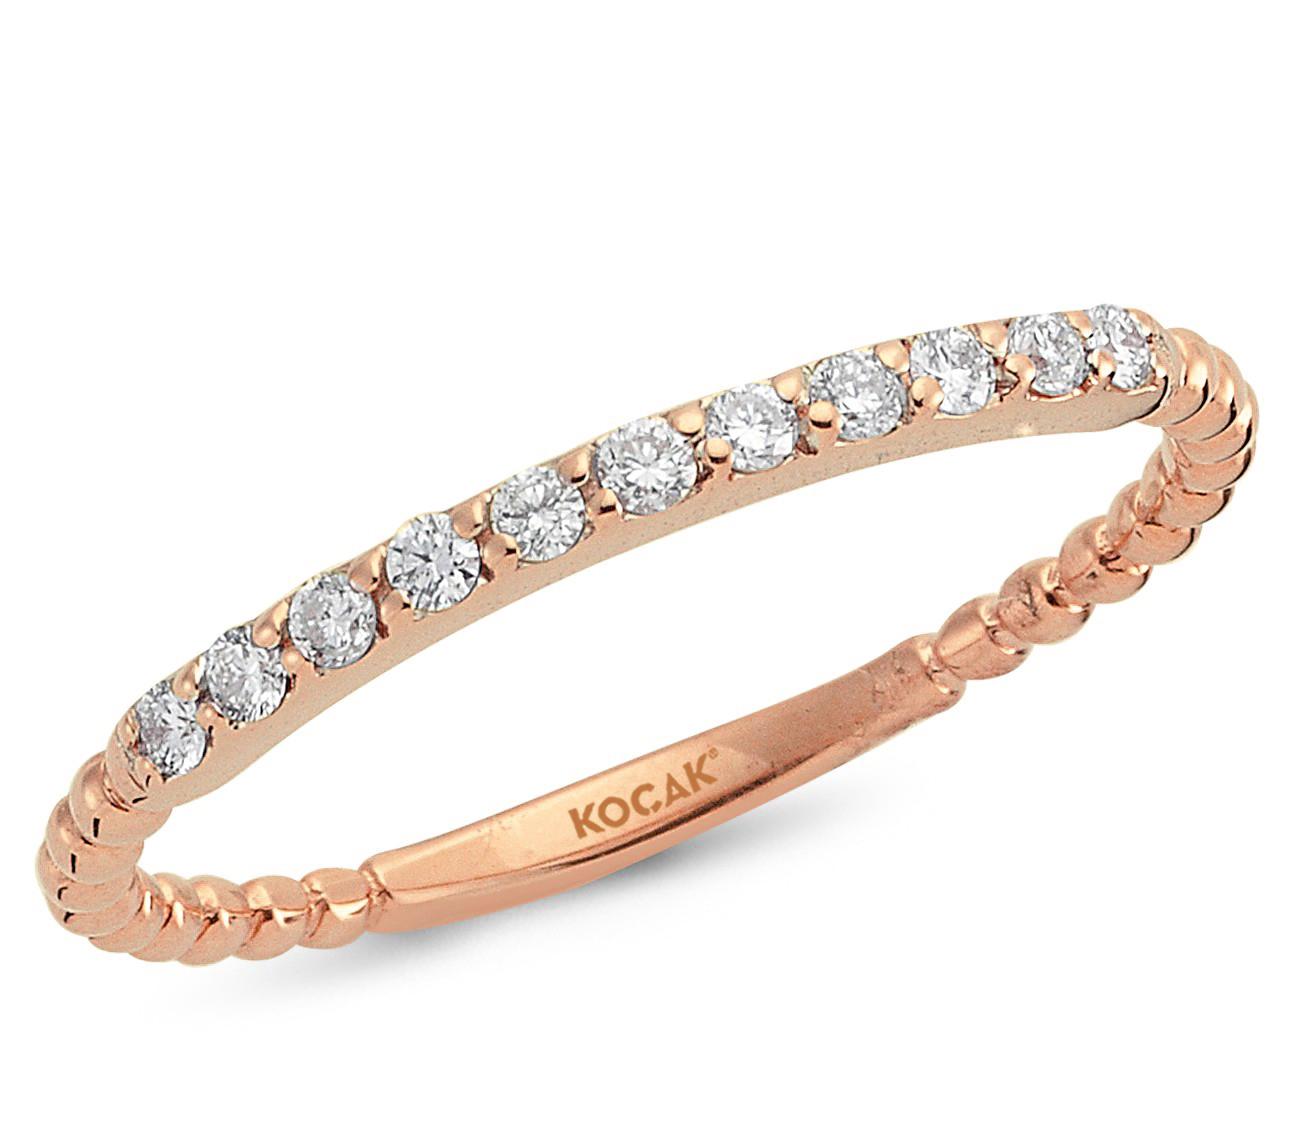 750 Kocak Gold | 0.15 ct Diamant Rosé Ring